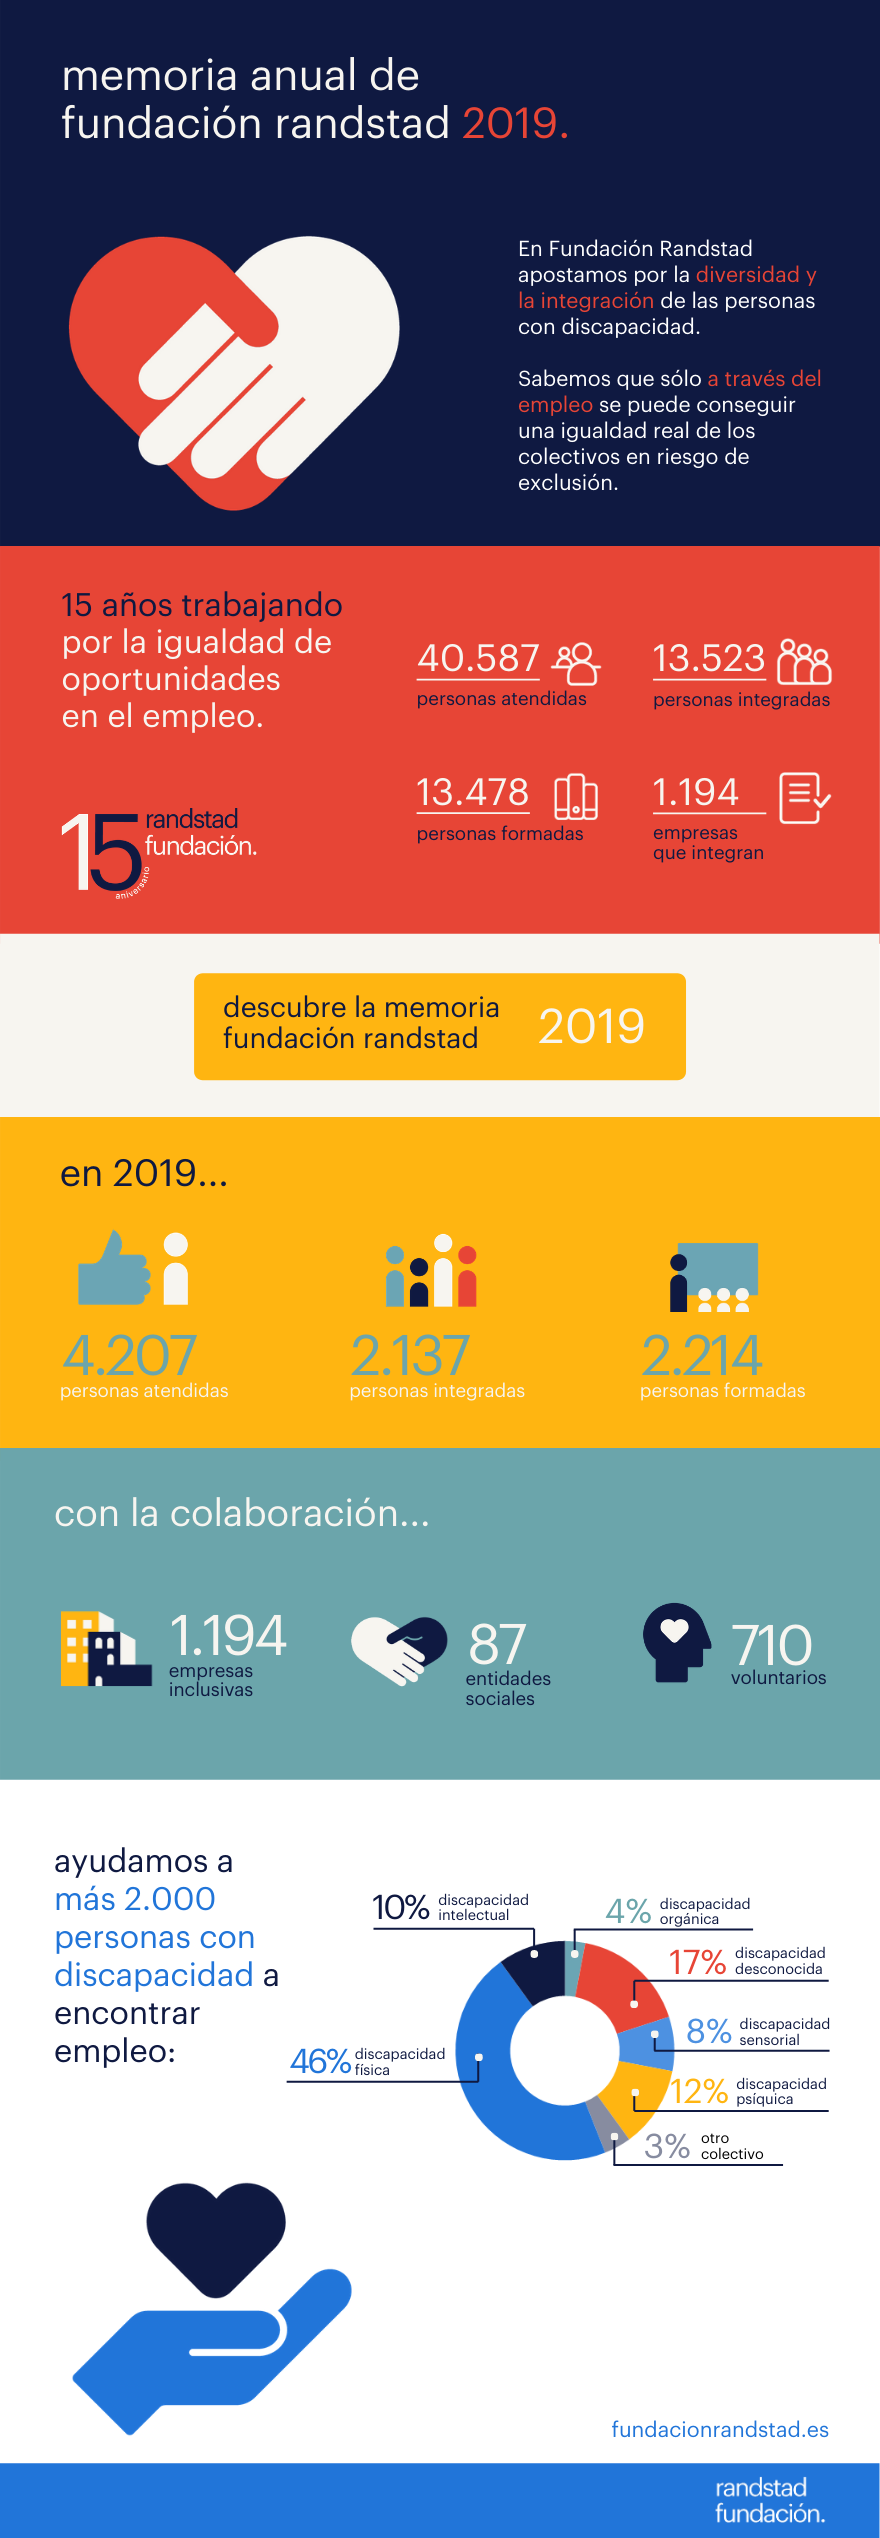 infografía memoria fundación randstad